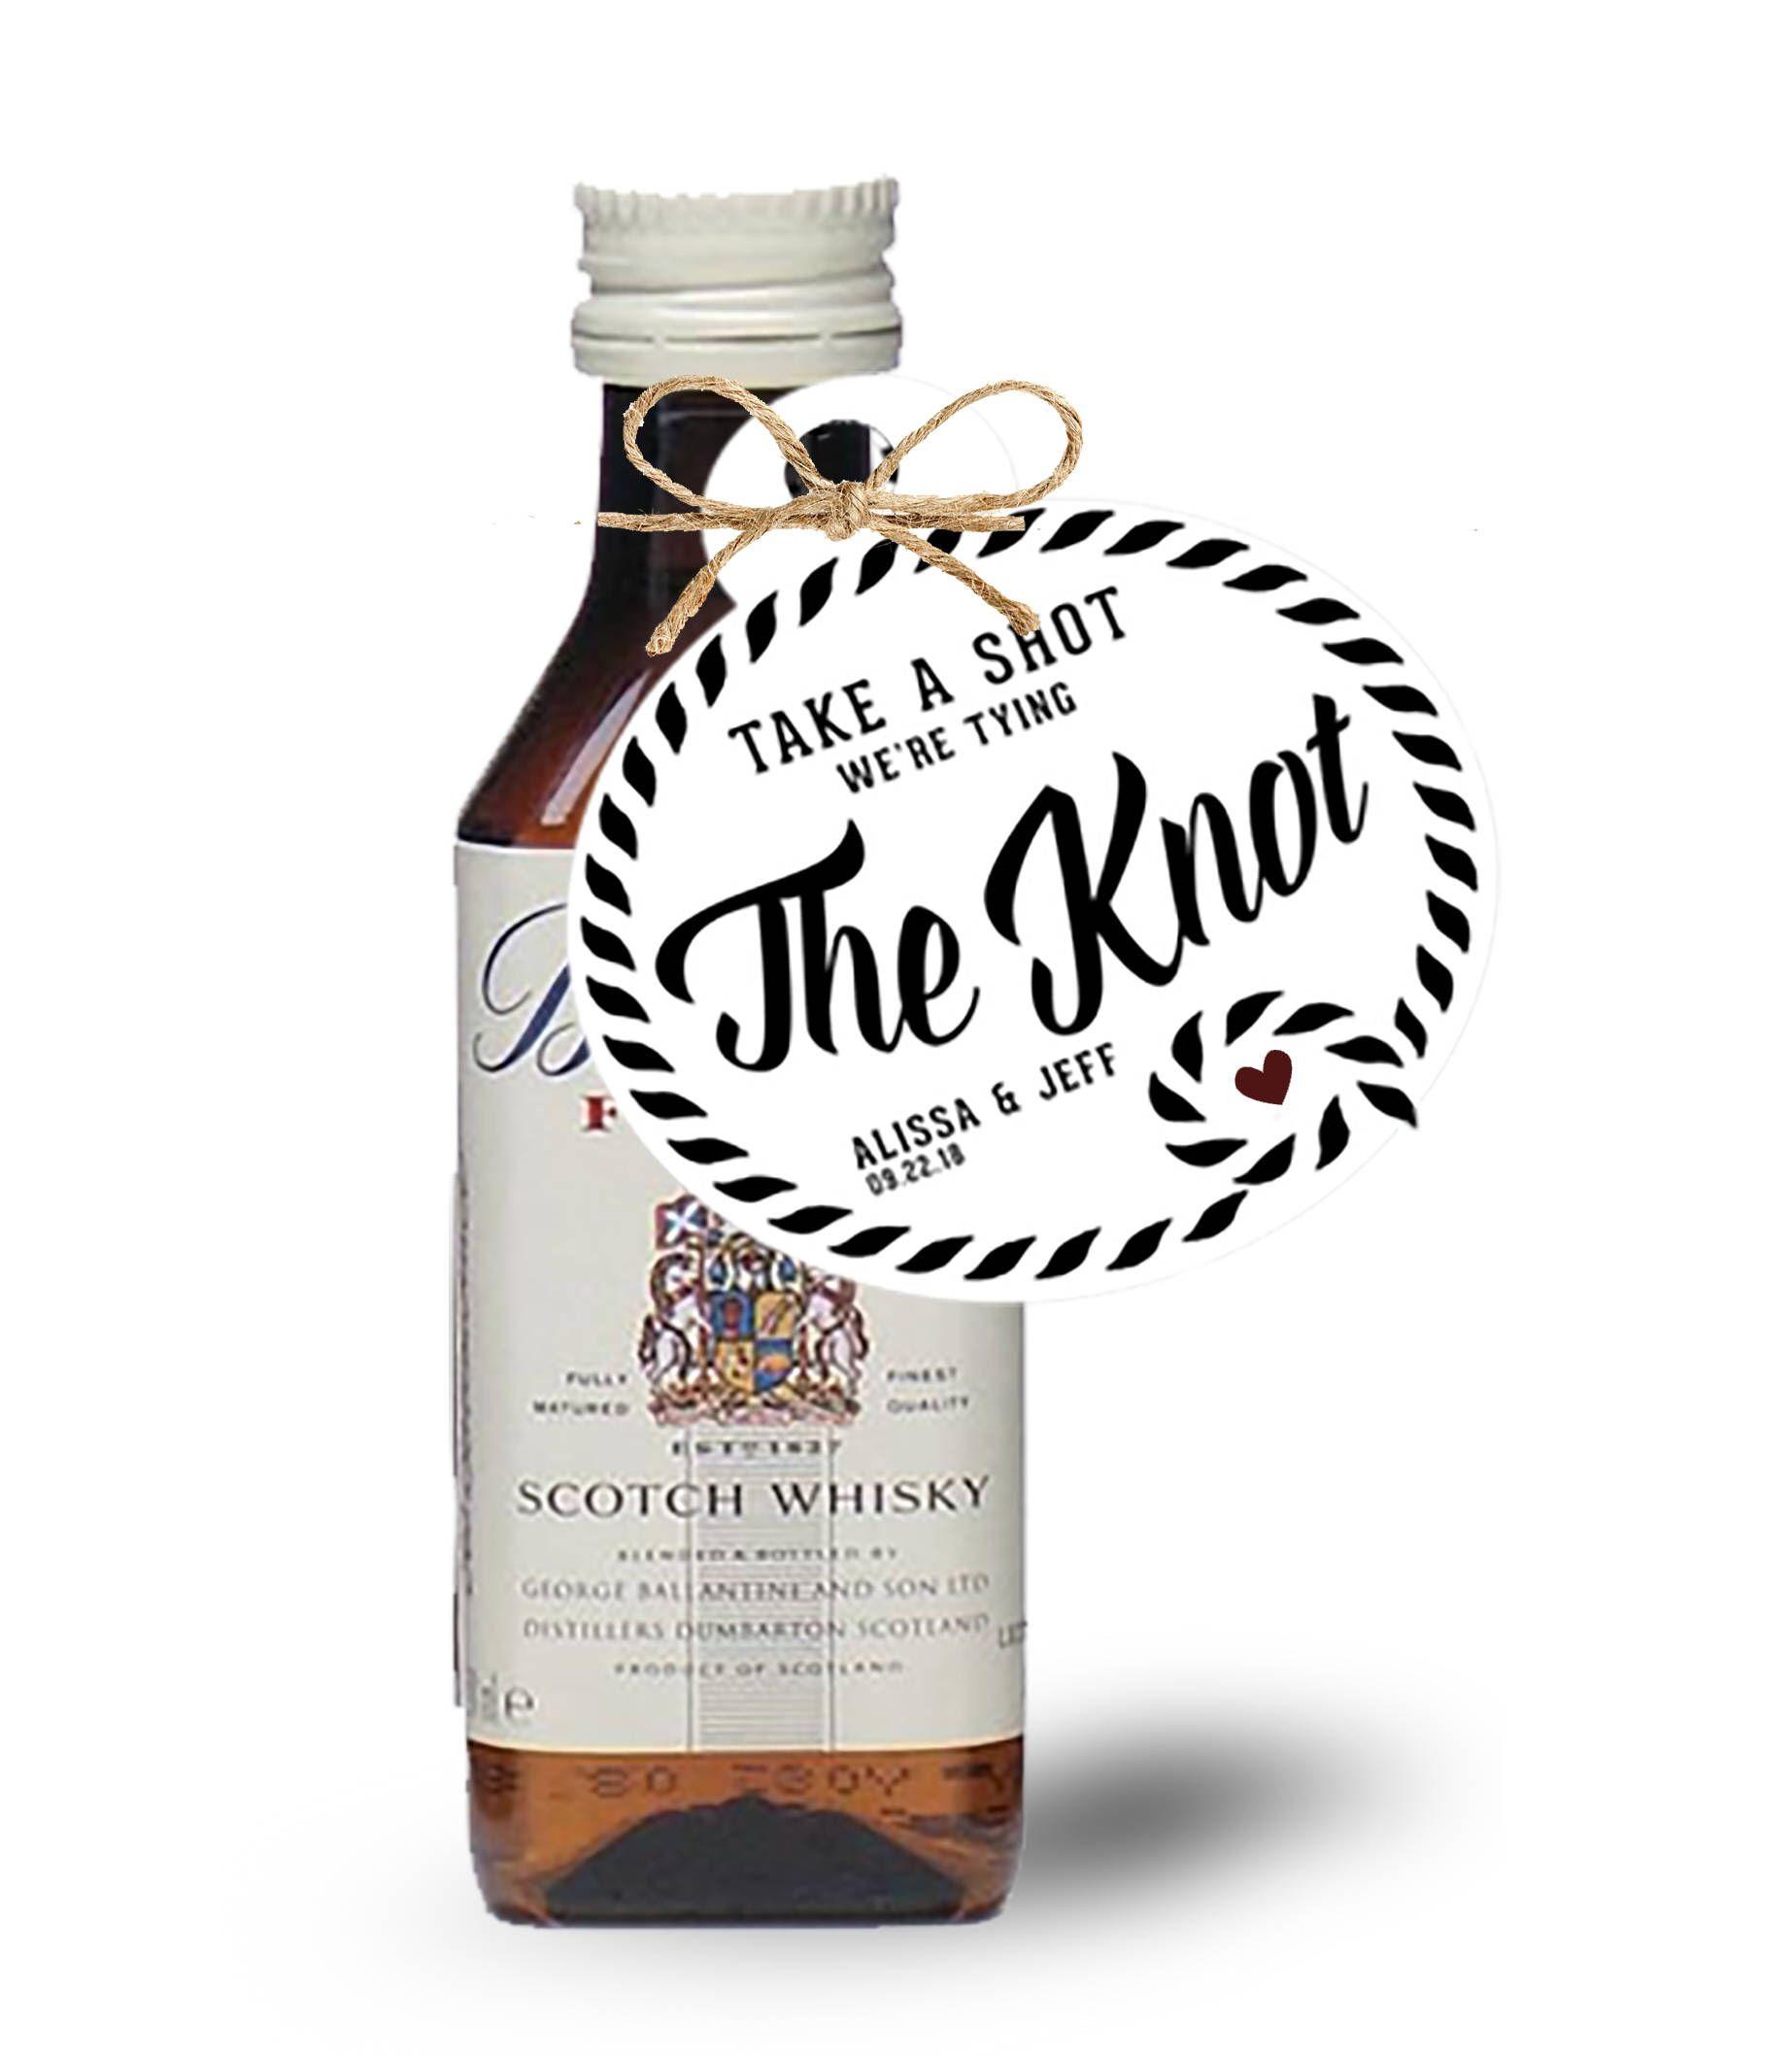 Mini Liquor Bottles for Wedding Favors | Giftwedding.co